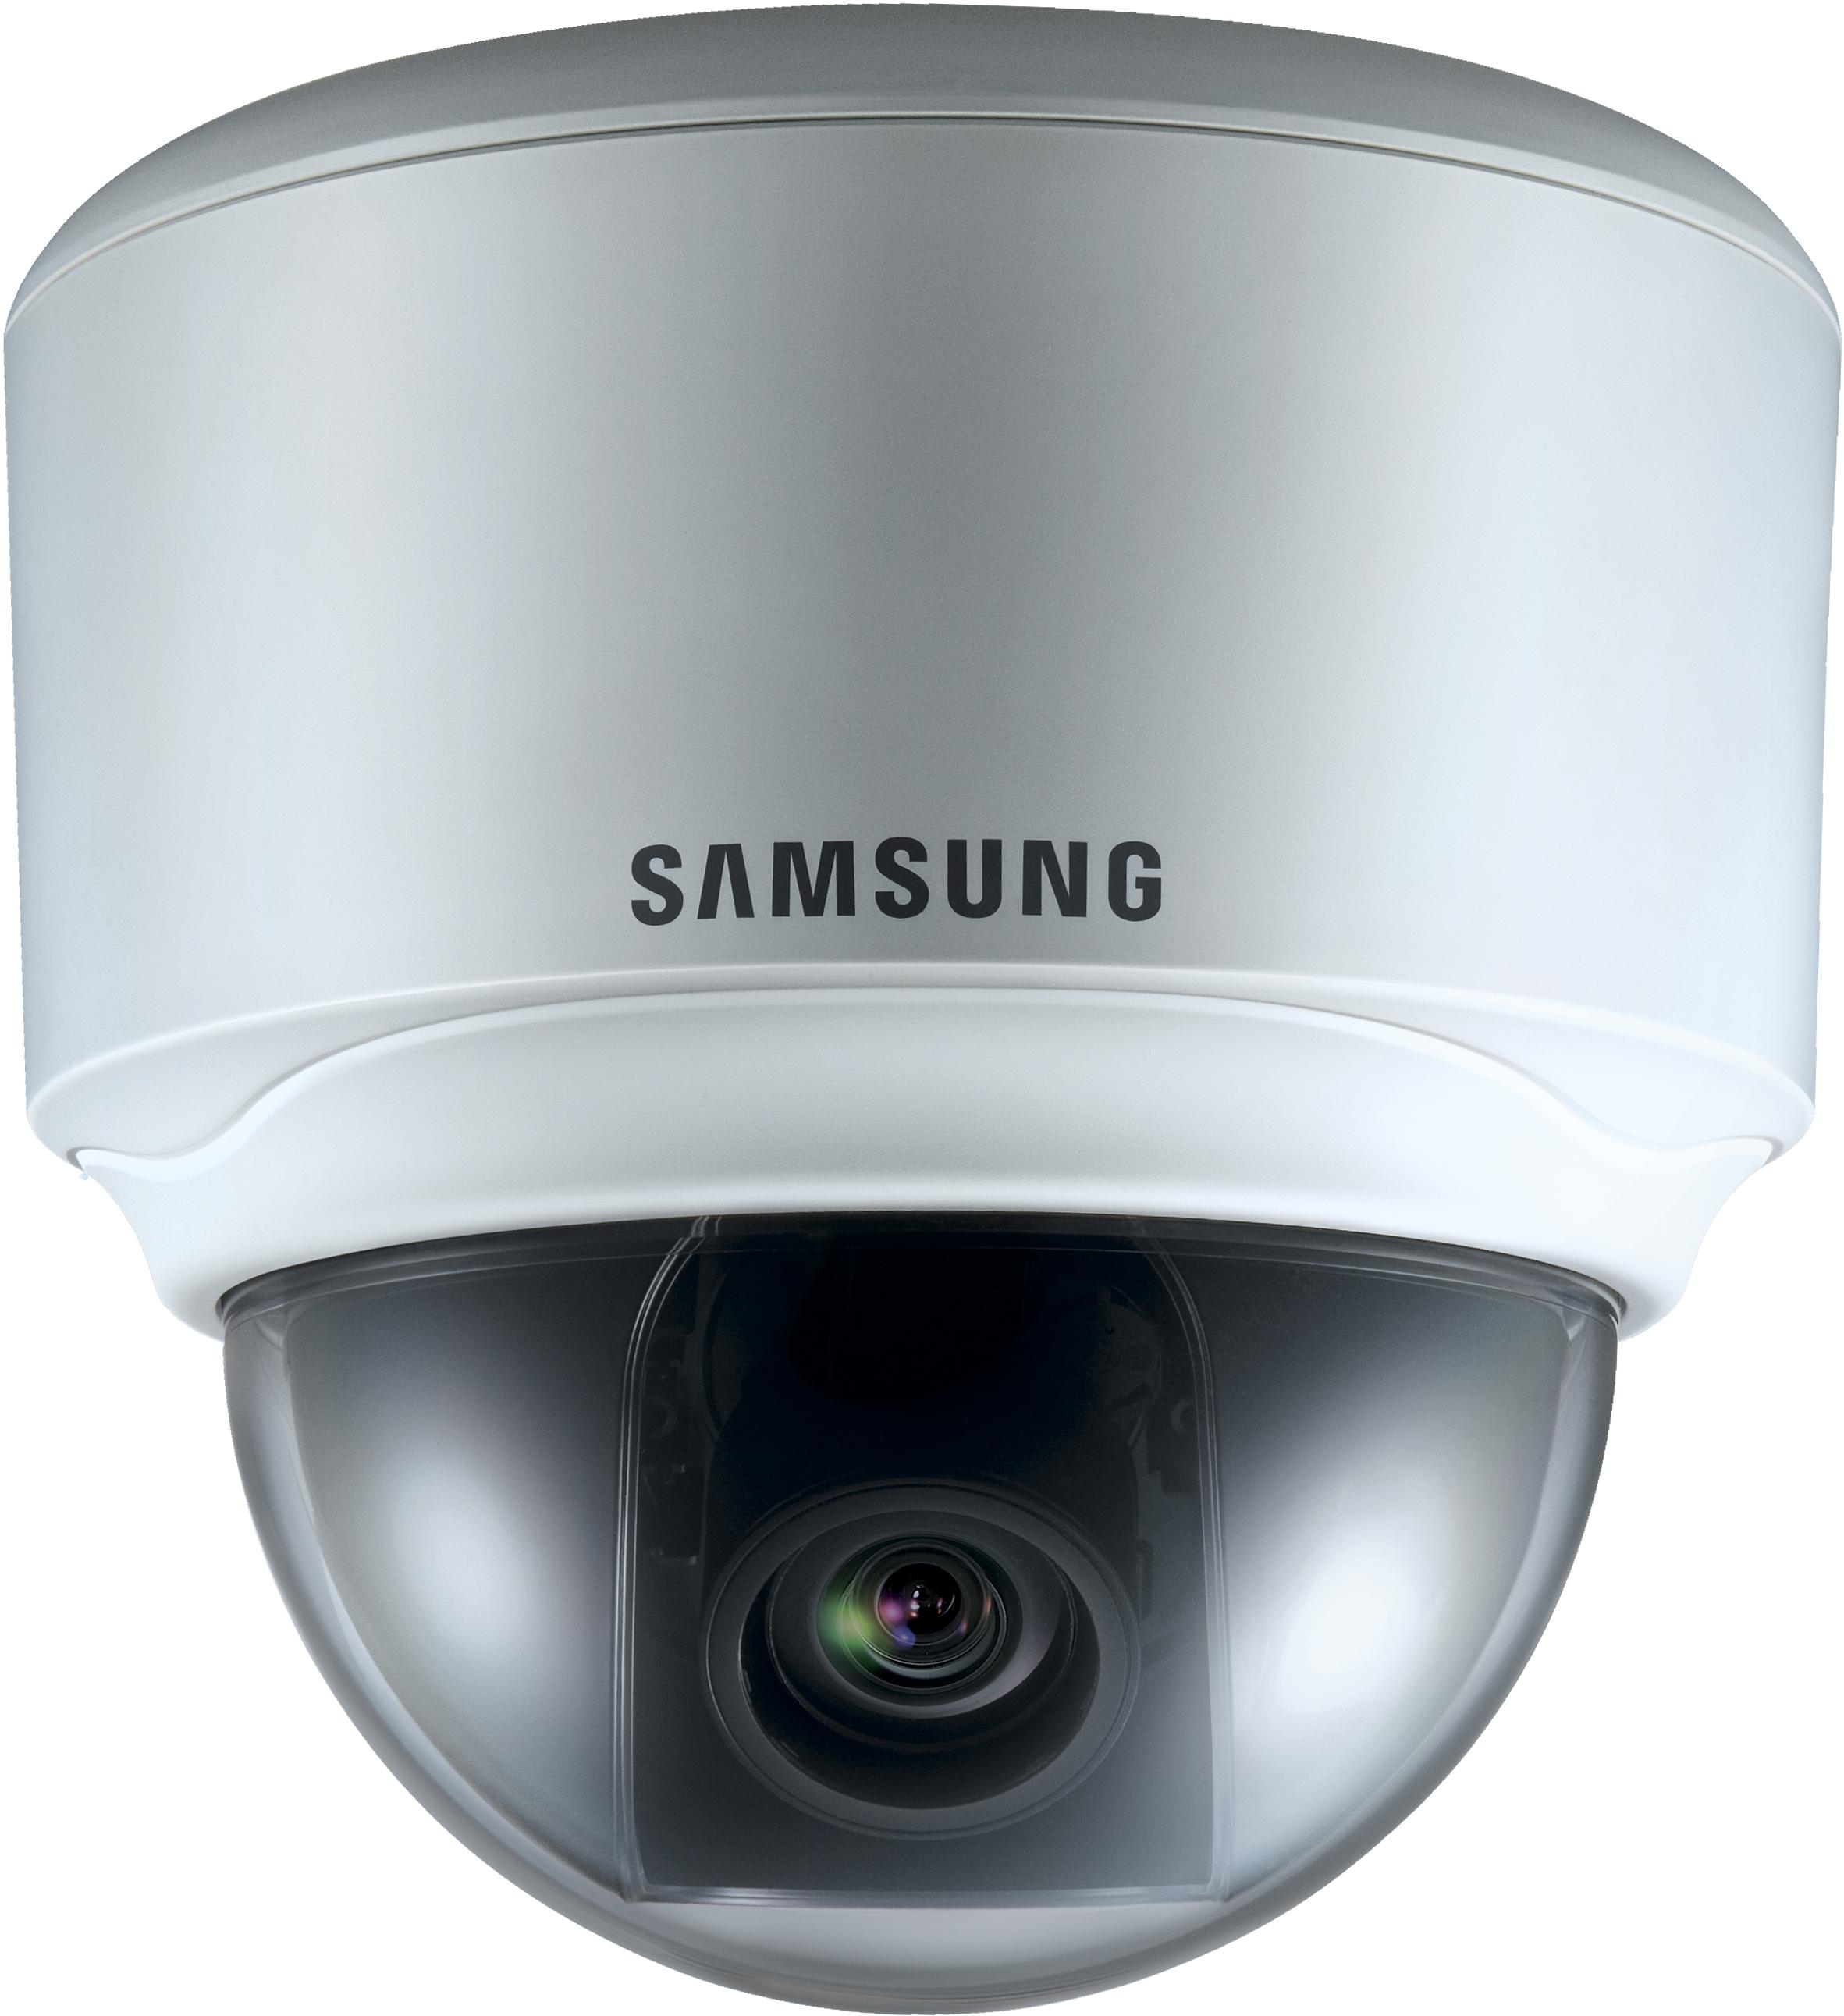 Samsung SNC-B5368 - Kamery kopułkowe IP